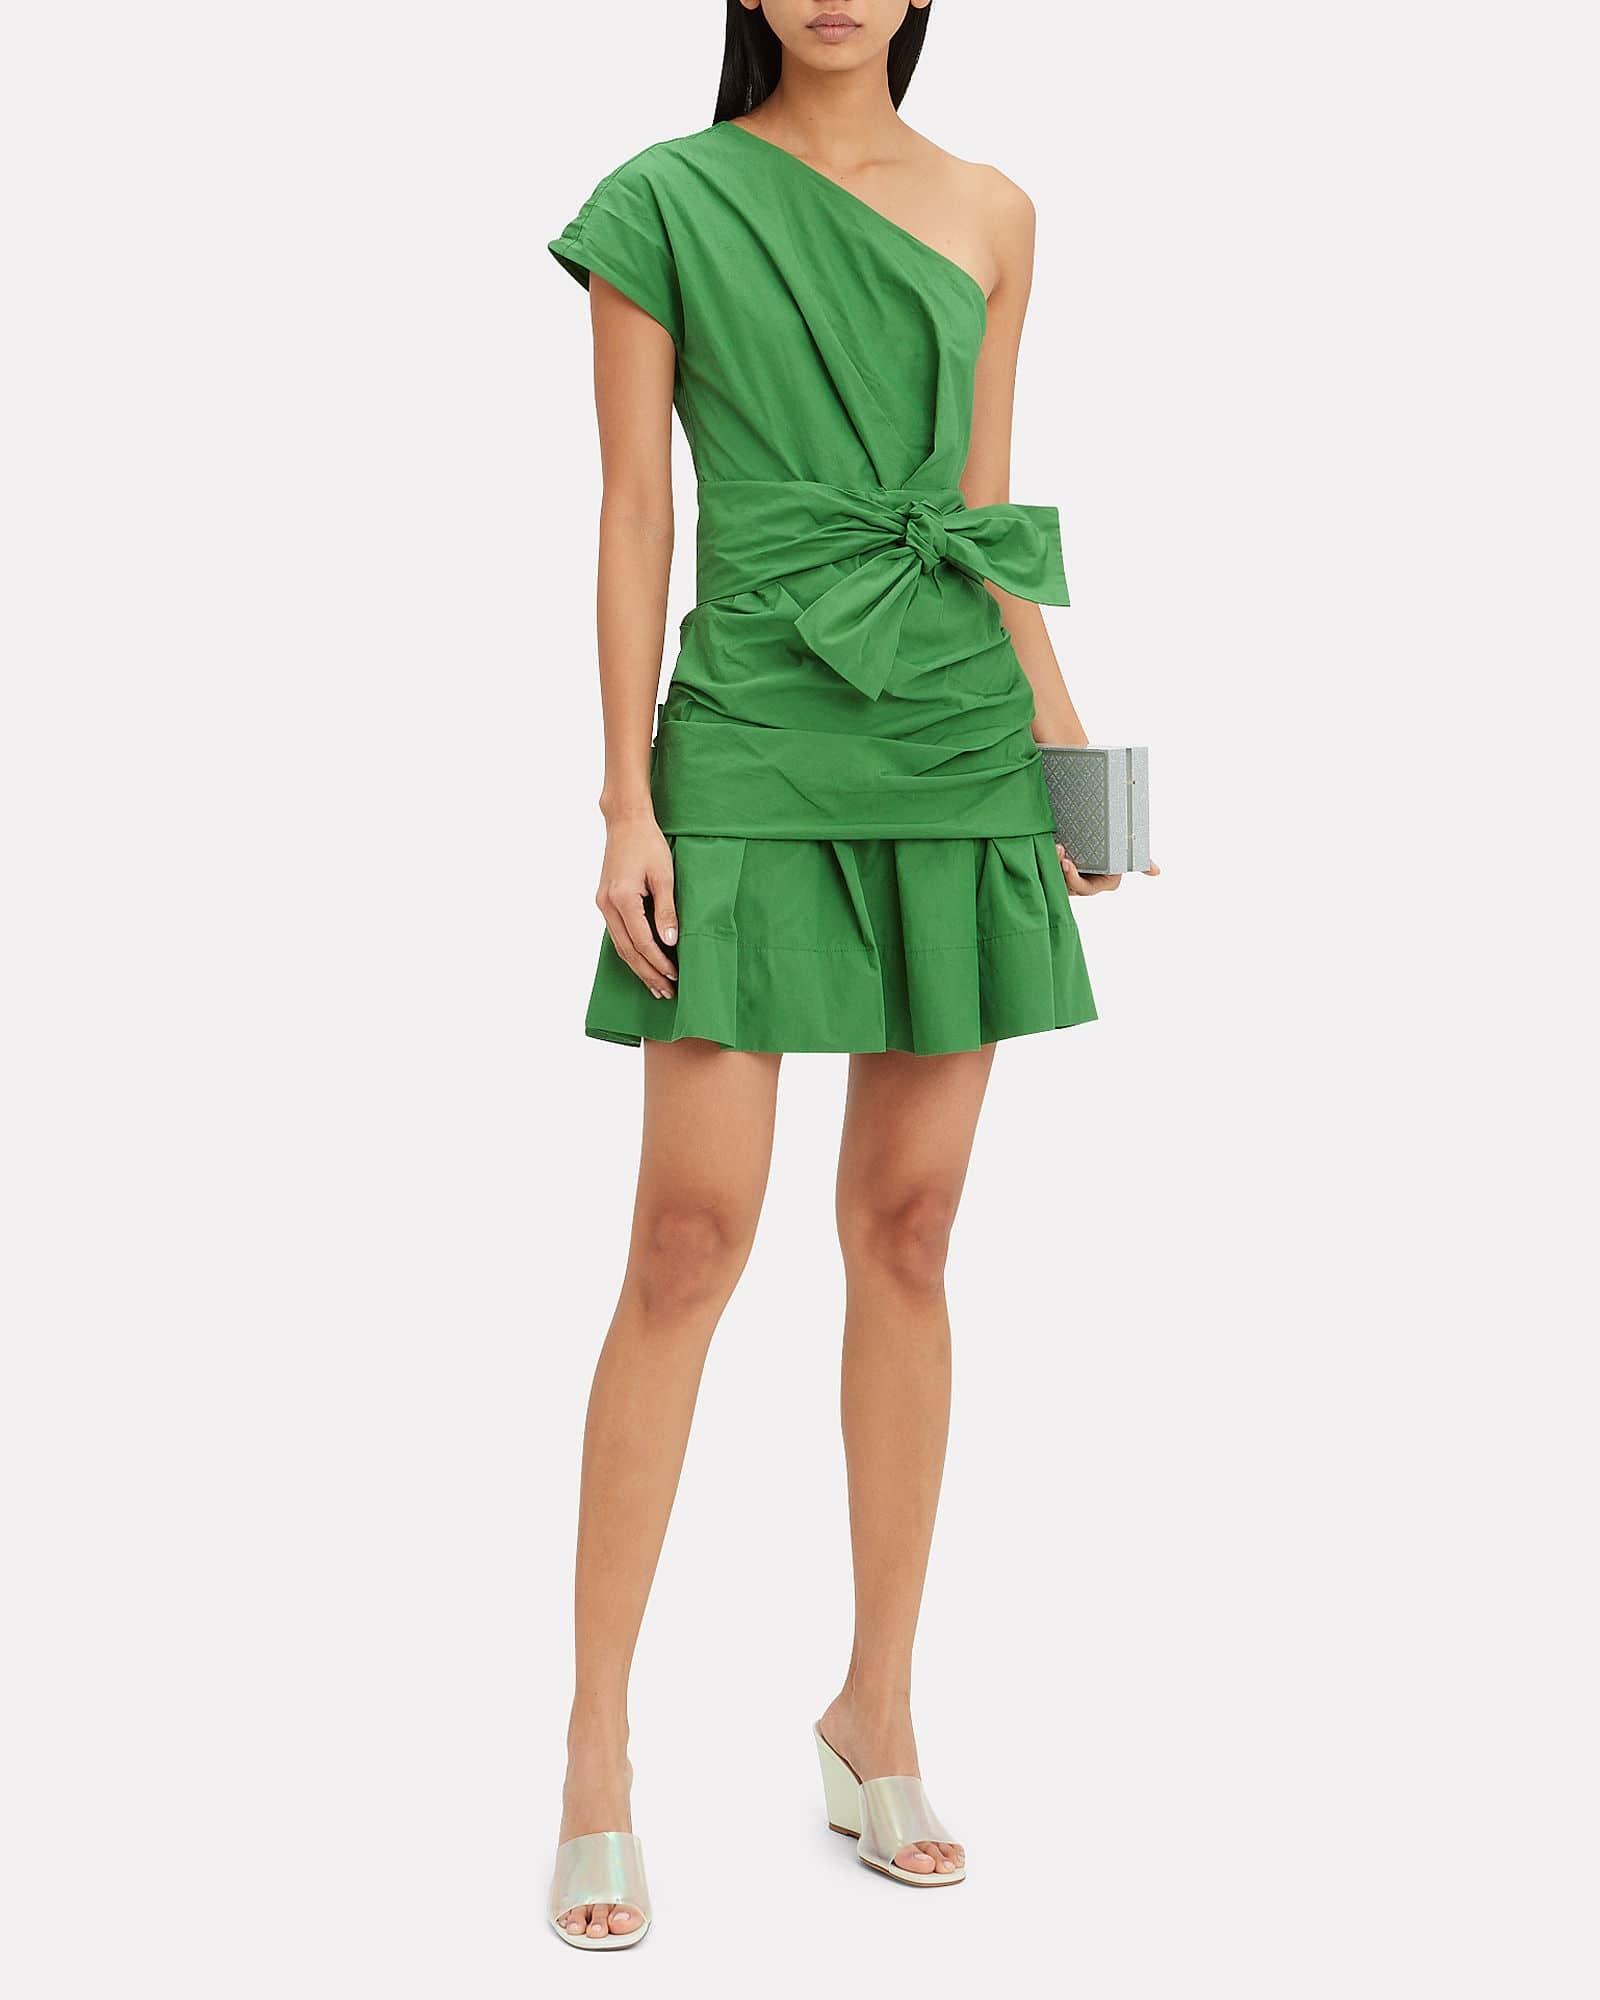 Beat the Heat in these Summer Essentials, cotton dress, Derek Lam 10 Crosby green one shoulder cotton dress